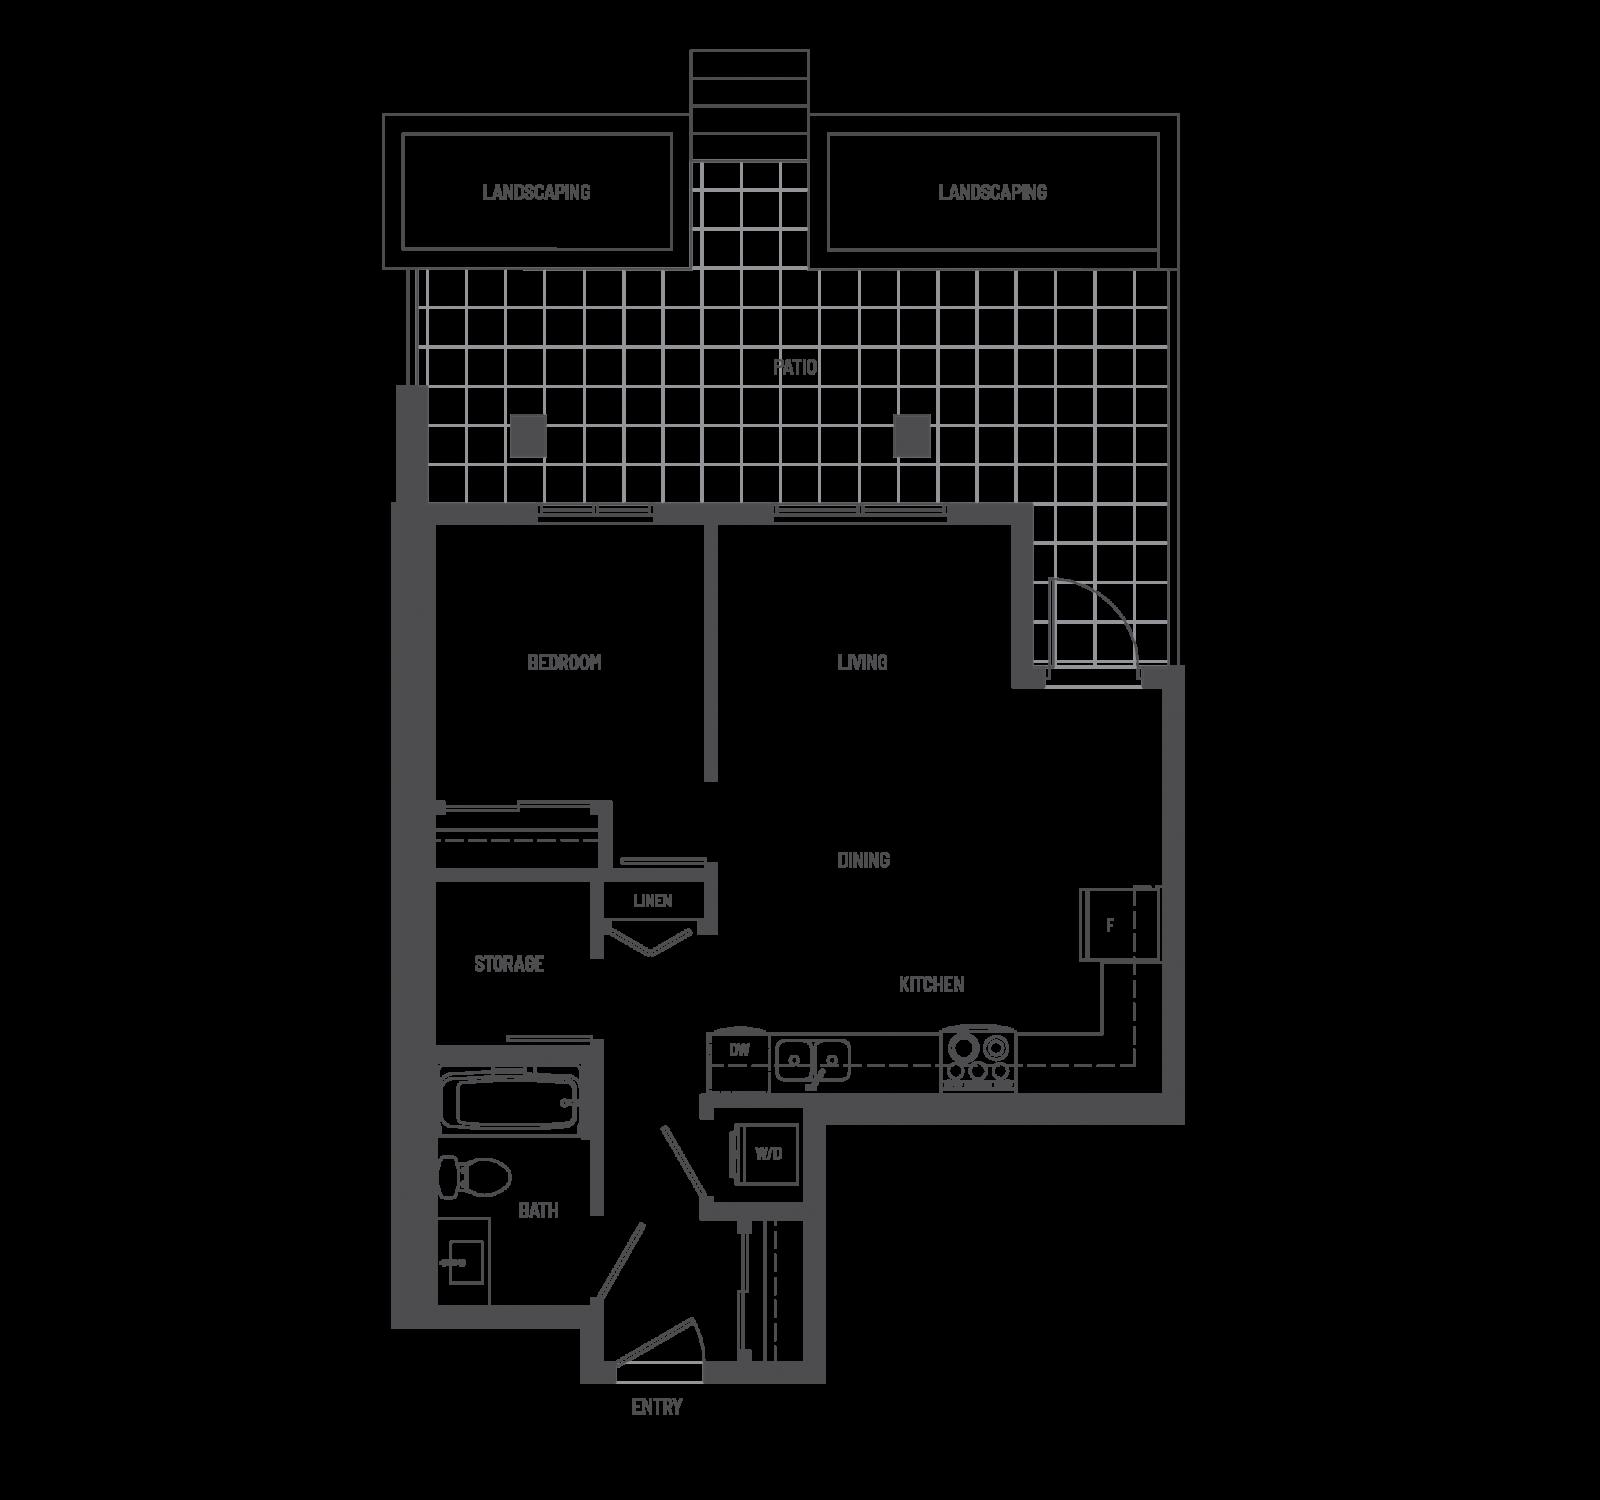 Plan B3